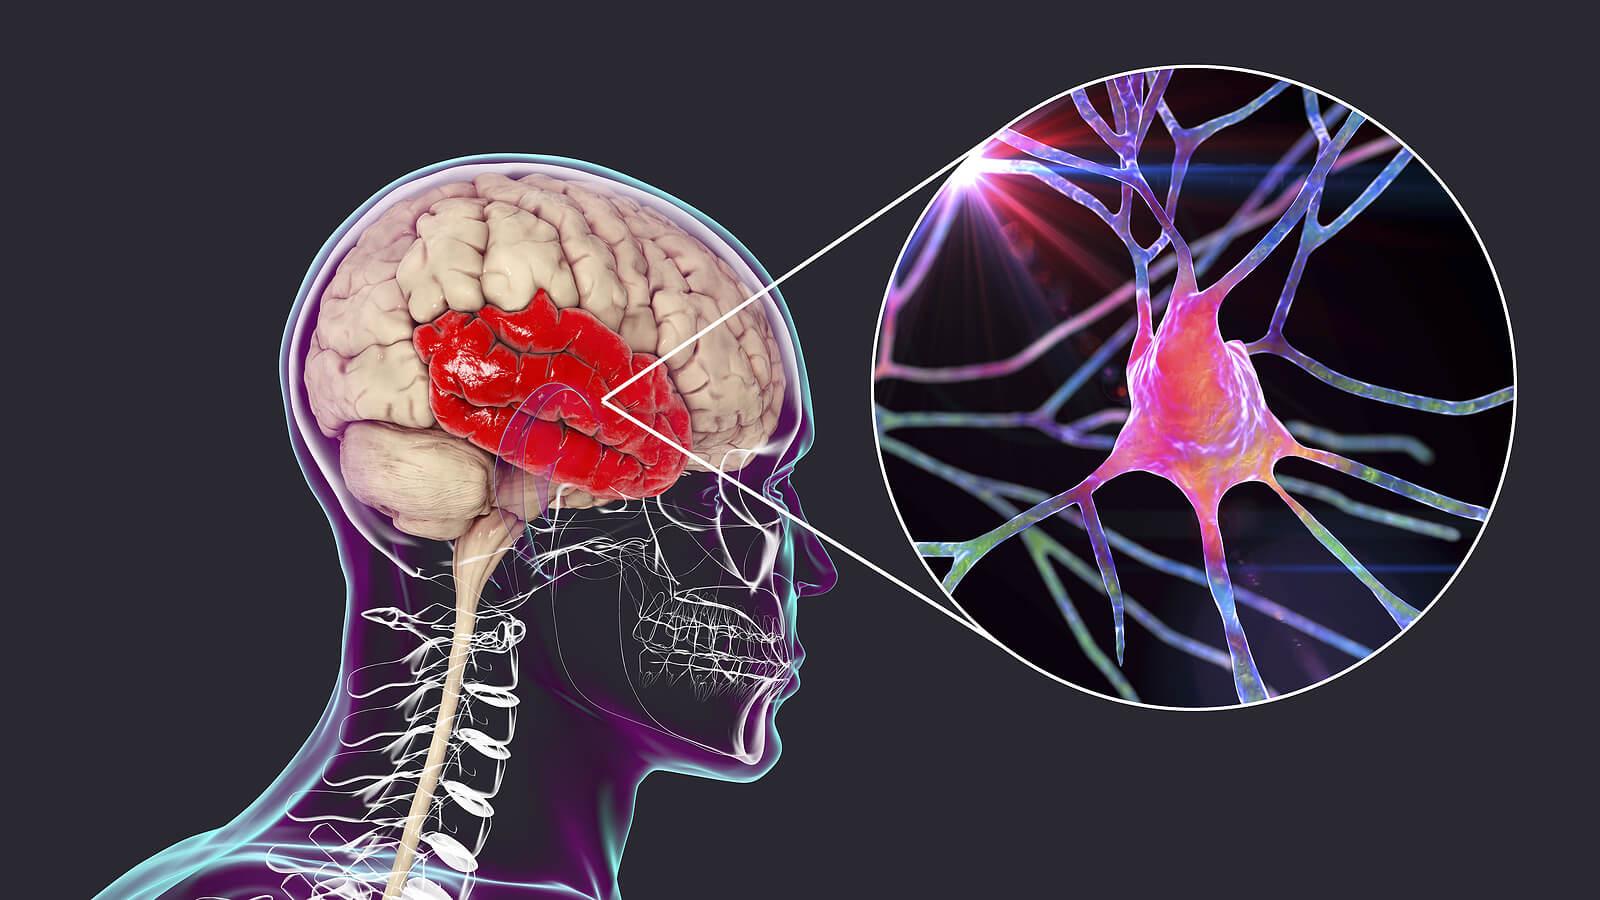 Lóbulo temporal: características y funciones